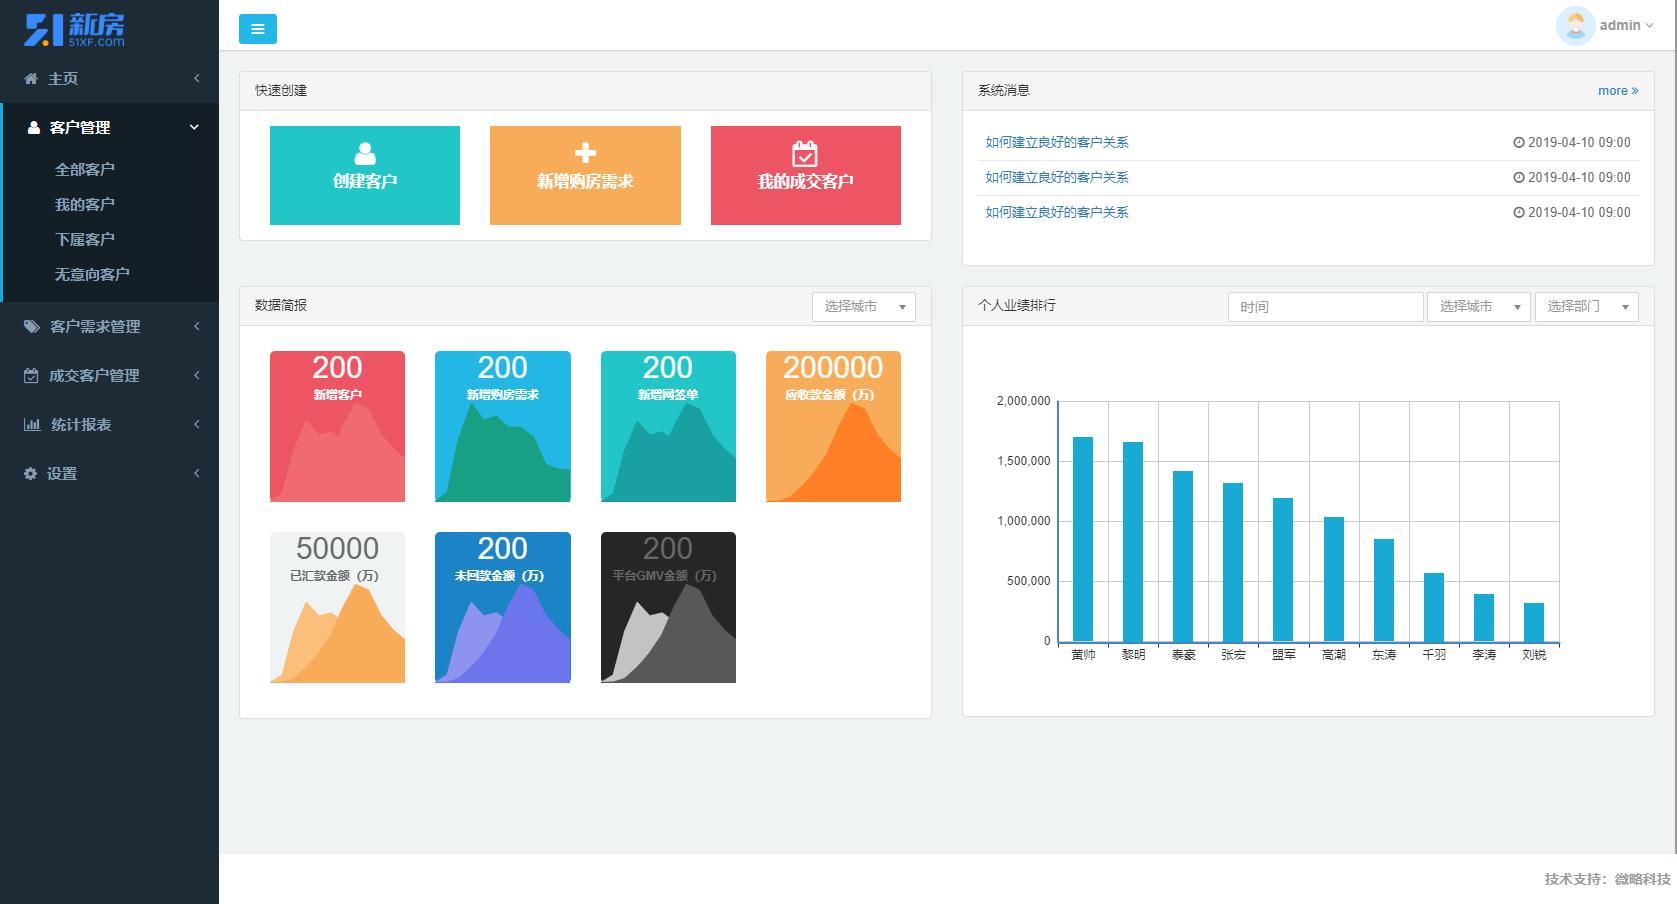 OAERP进销存后台企业管理分销分析系统工具软件平台定制开发